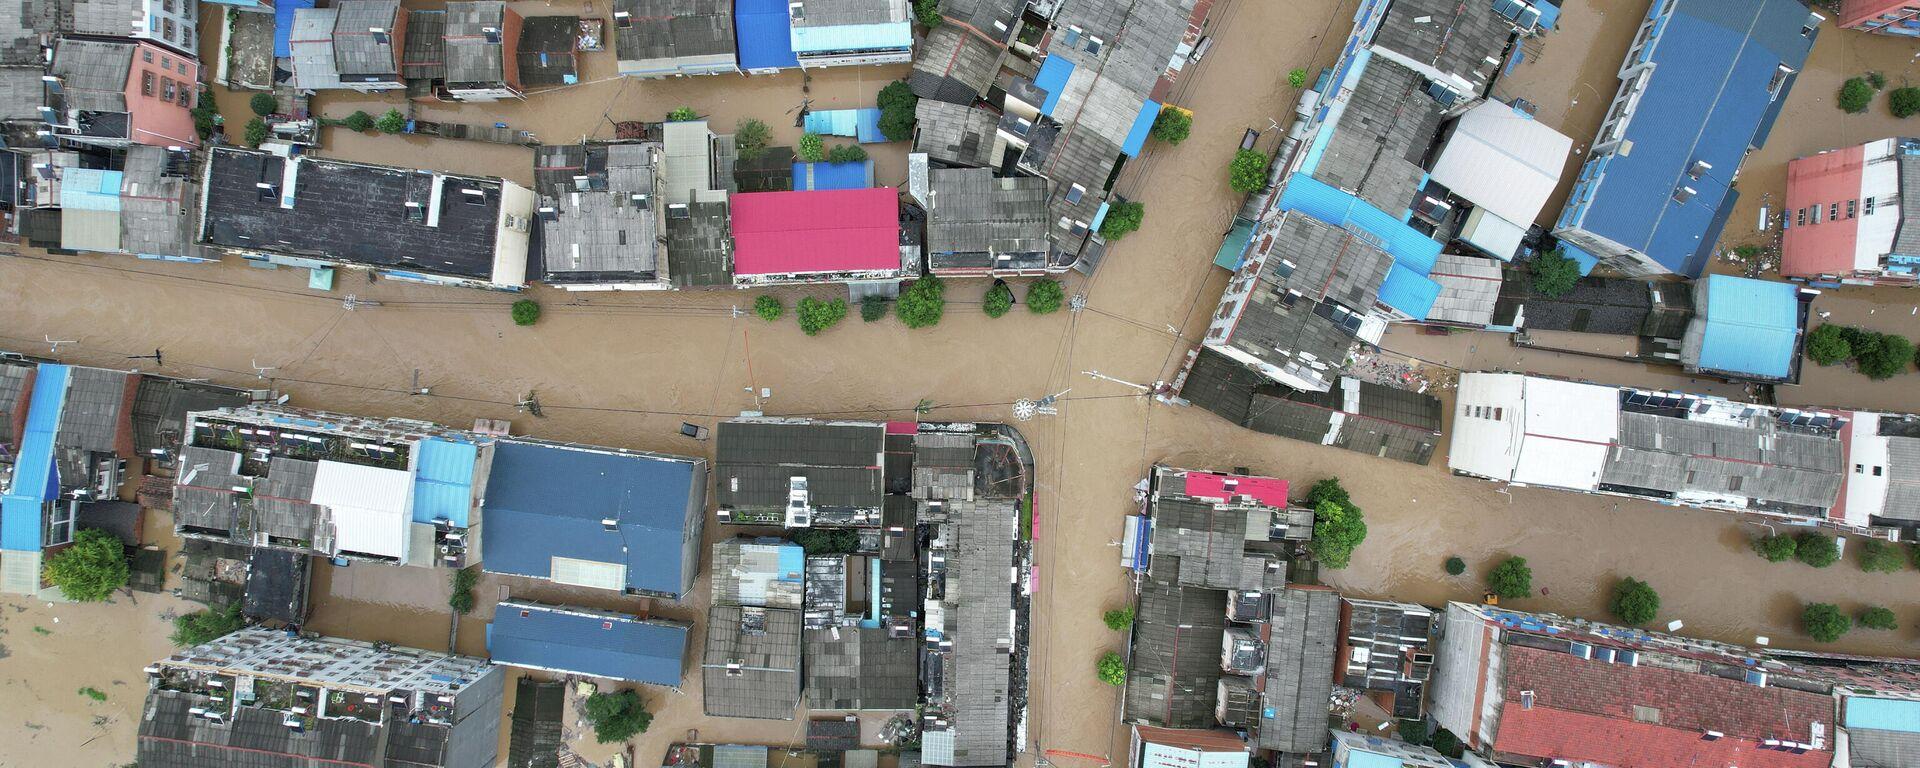 Inundación en China - Sputnik Mundo, 1920, 13.08.2021